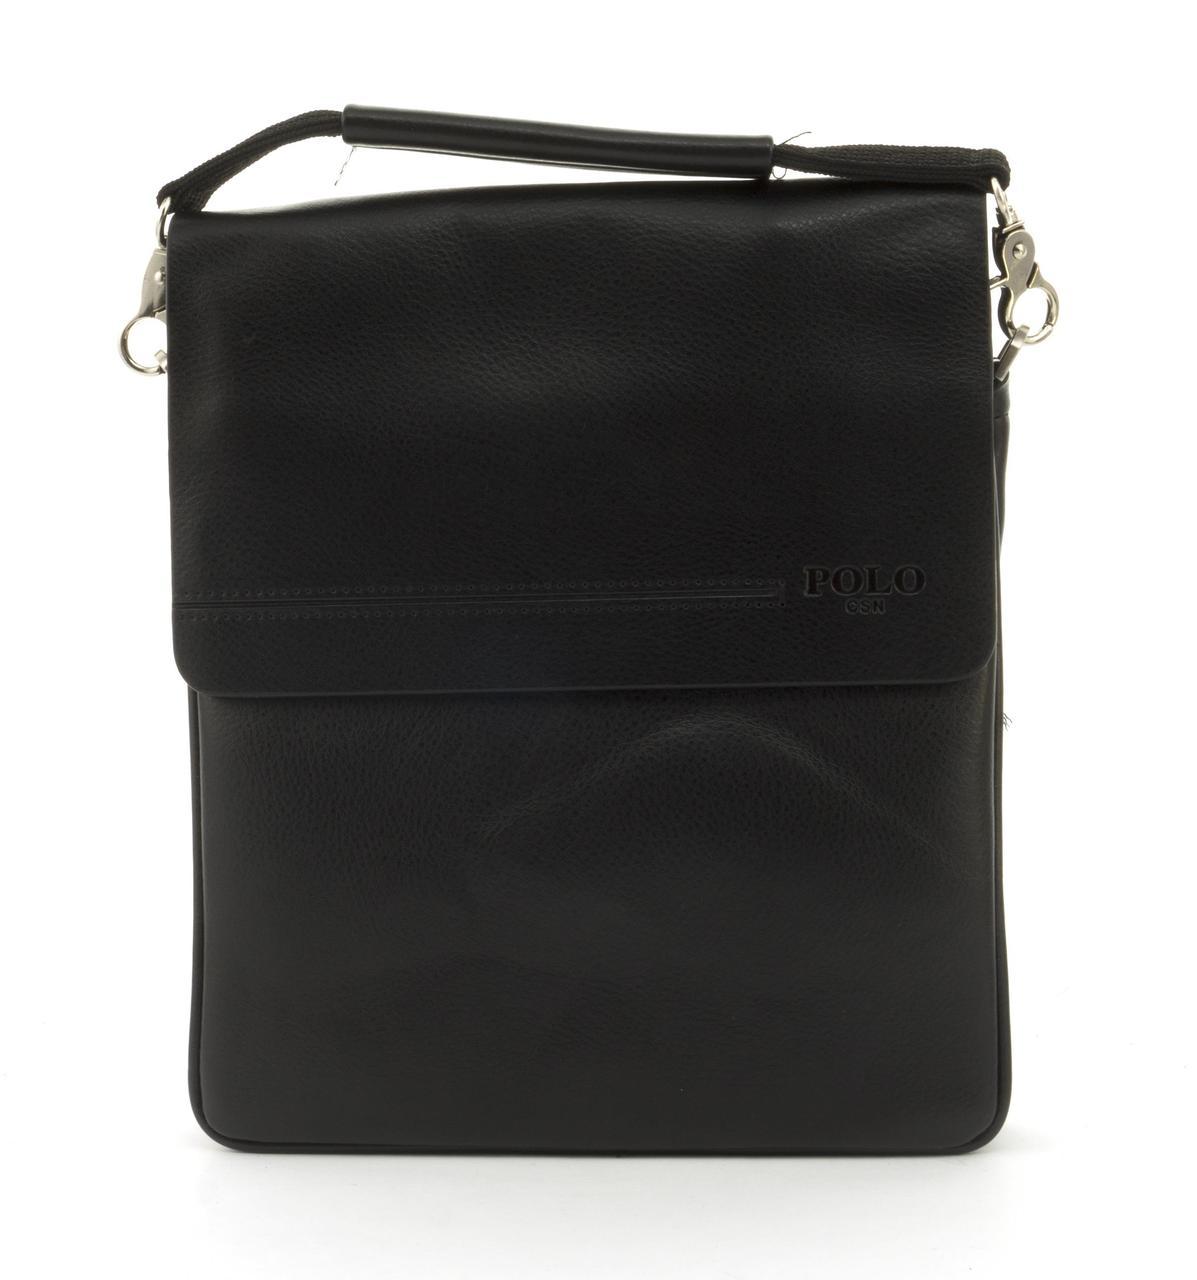 Якісна міцна чоловіча сумка почтальонка з якісної шкіри PU POLO art. B358-3 чорний